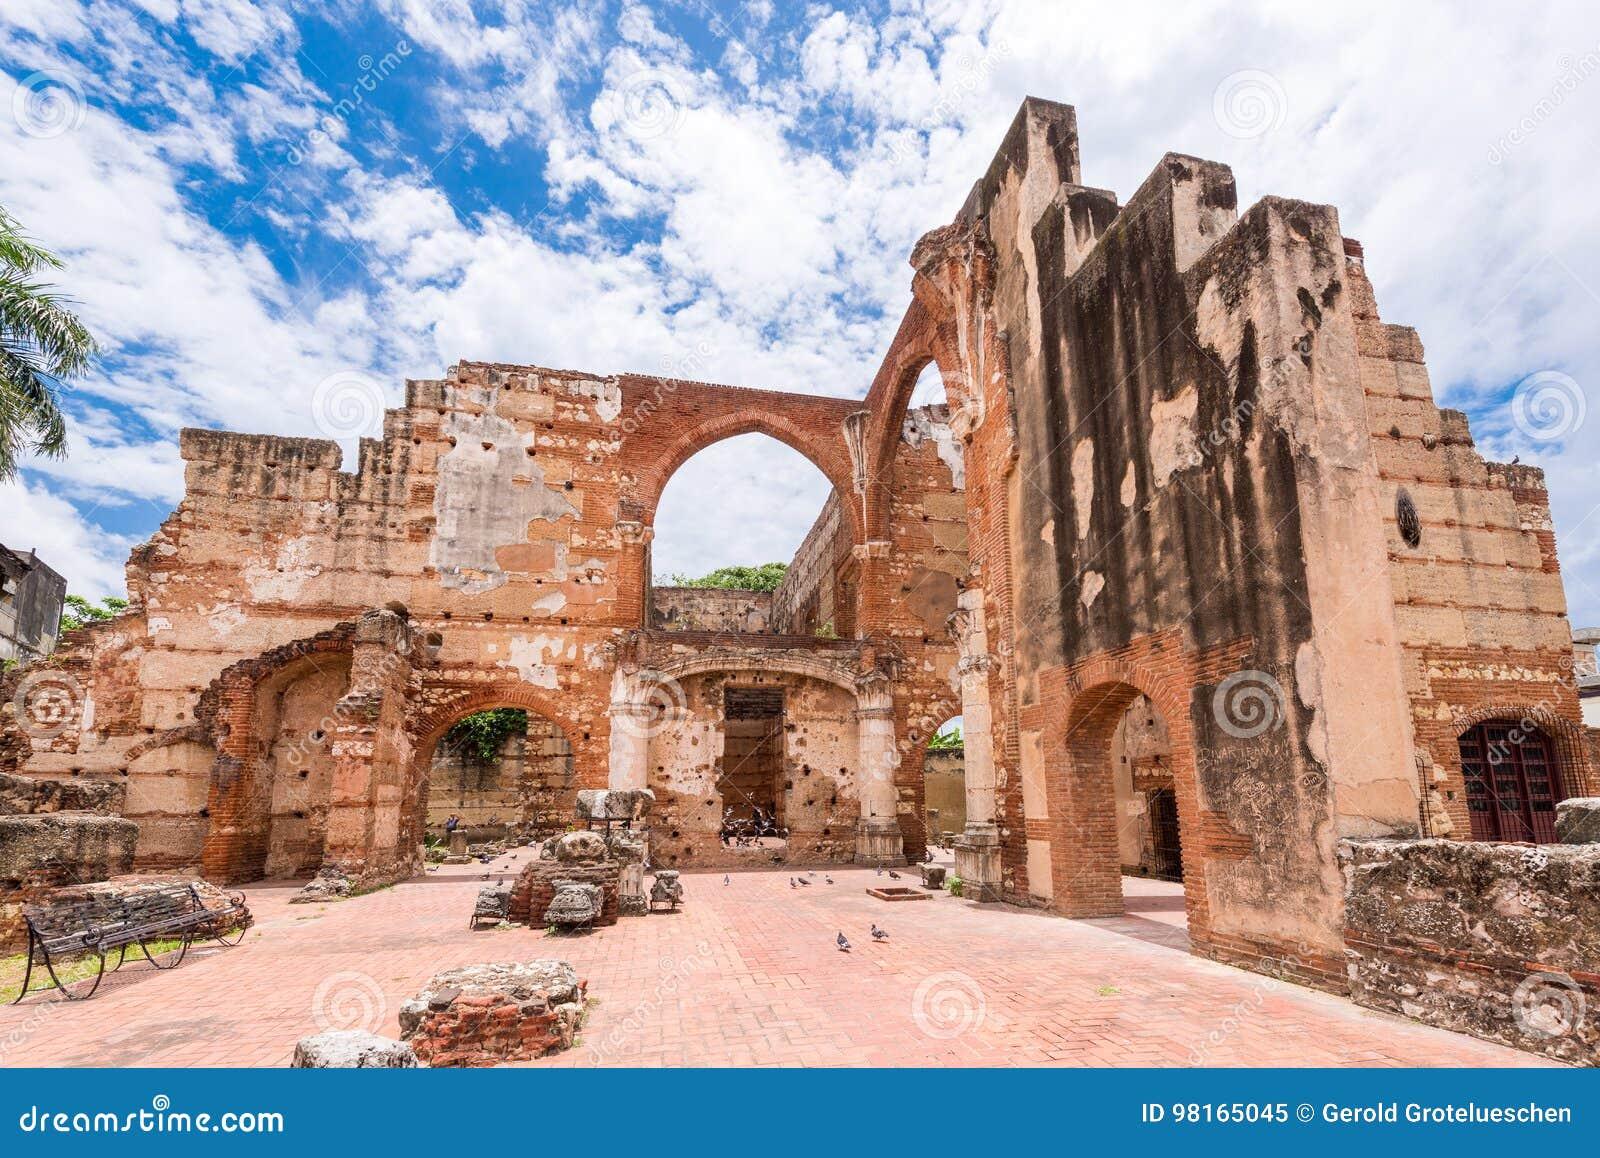 Ansicht über Ruinen des Krankenhauses von St. Nicolas von Bari, Santo Domingo, Dominikanische Republik Kopieren Sie Raum für Text